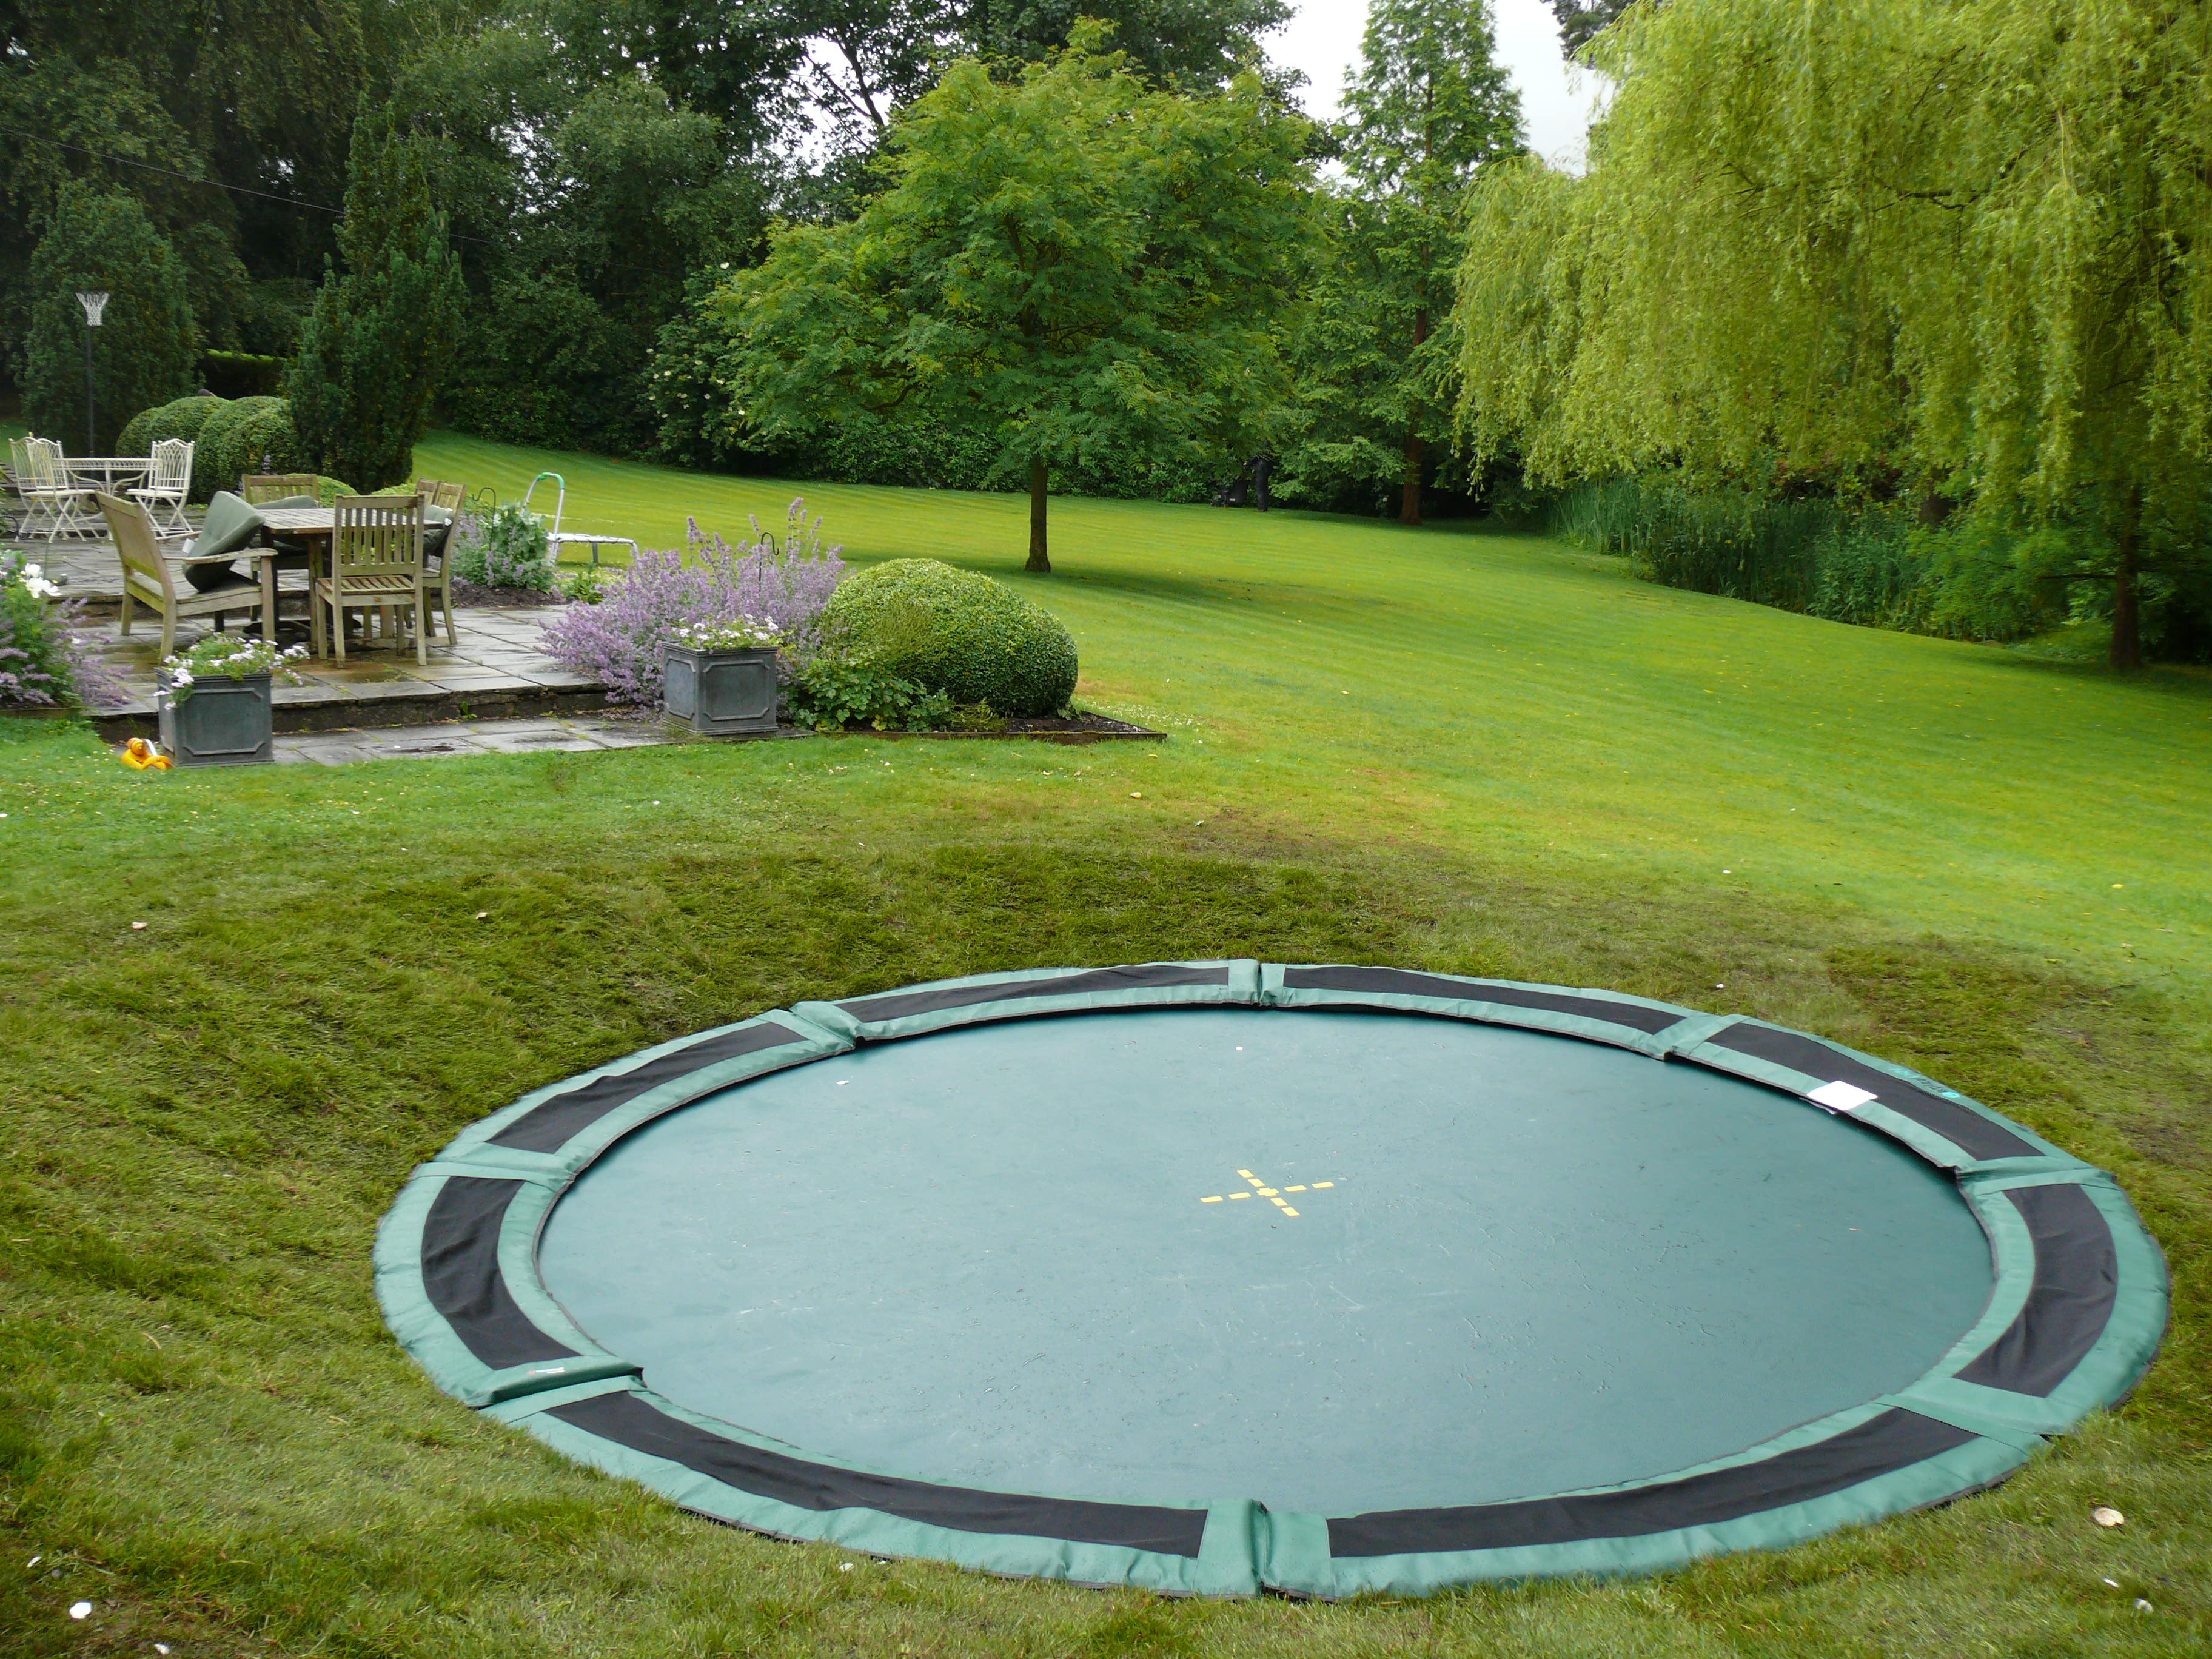 Landscaping in Macclesfield - Sunken Trampoline